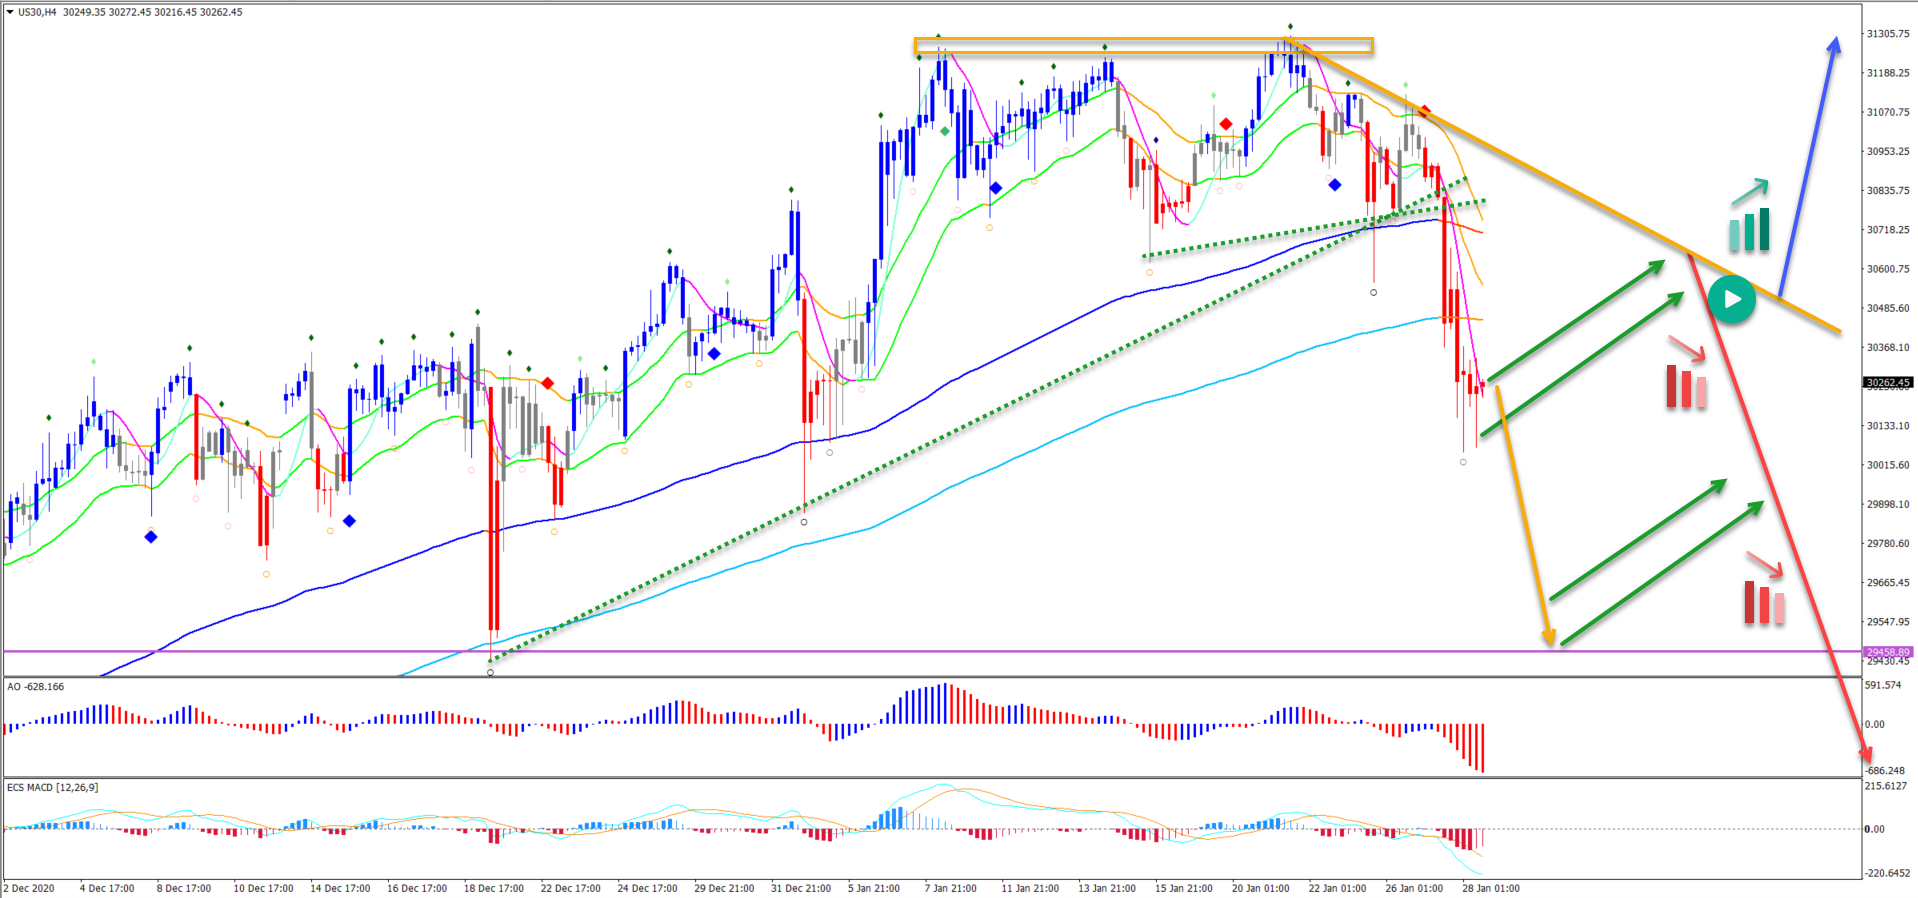 Dow Jones 28.01.2021 4 hour chart